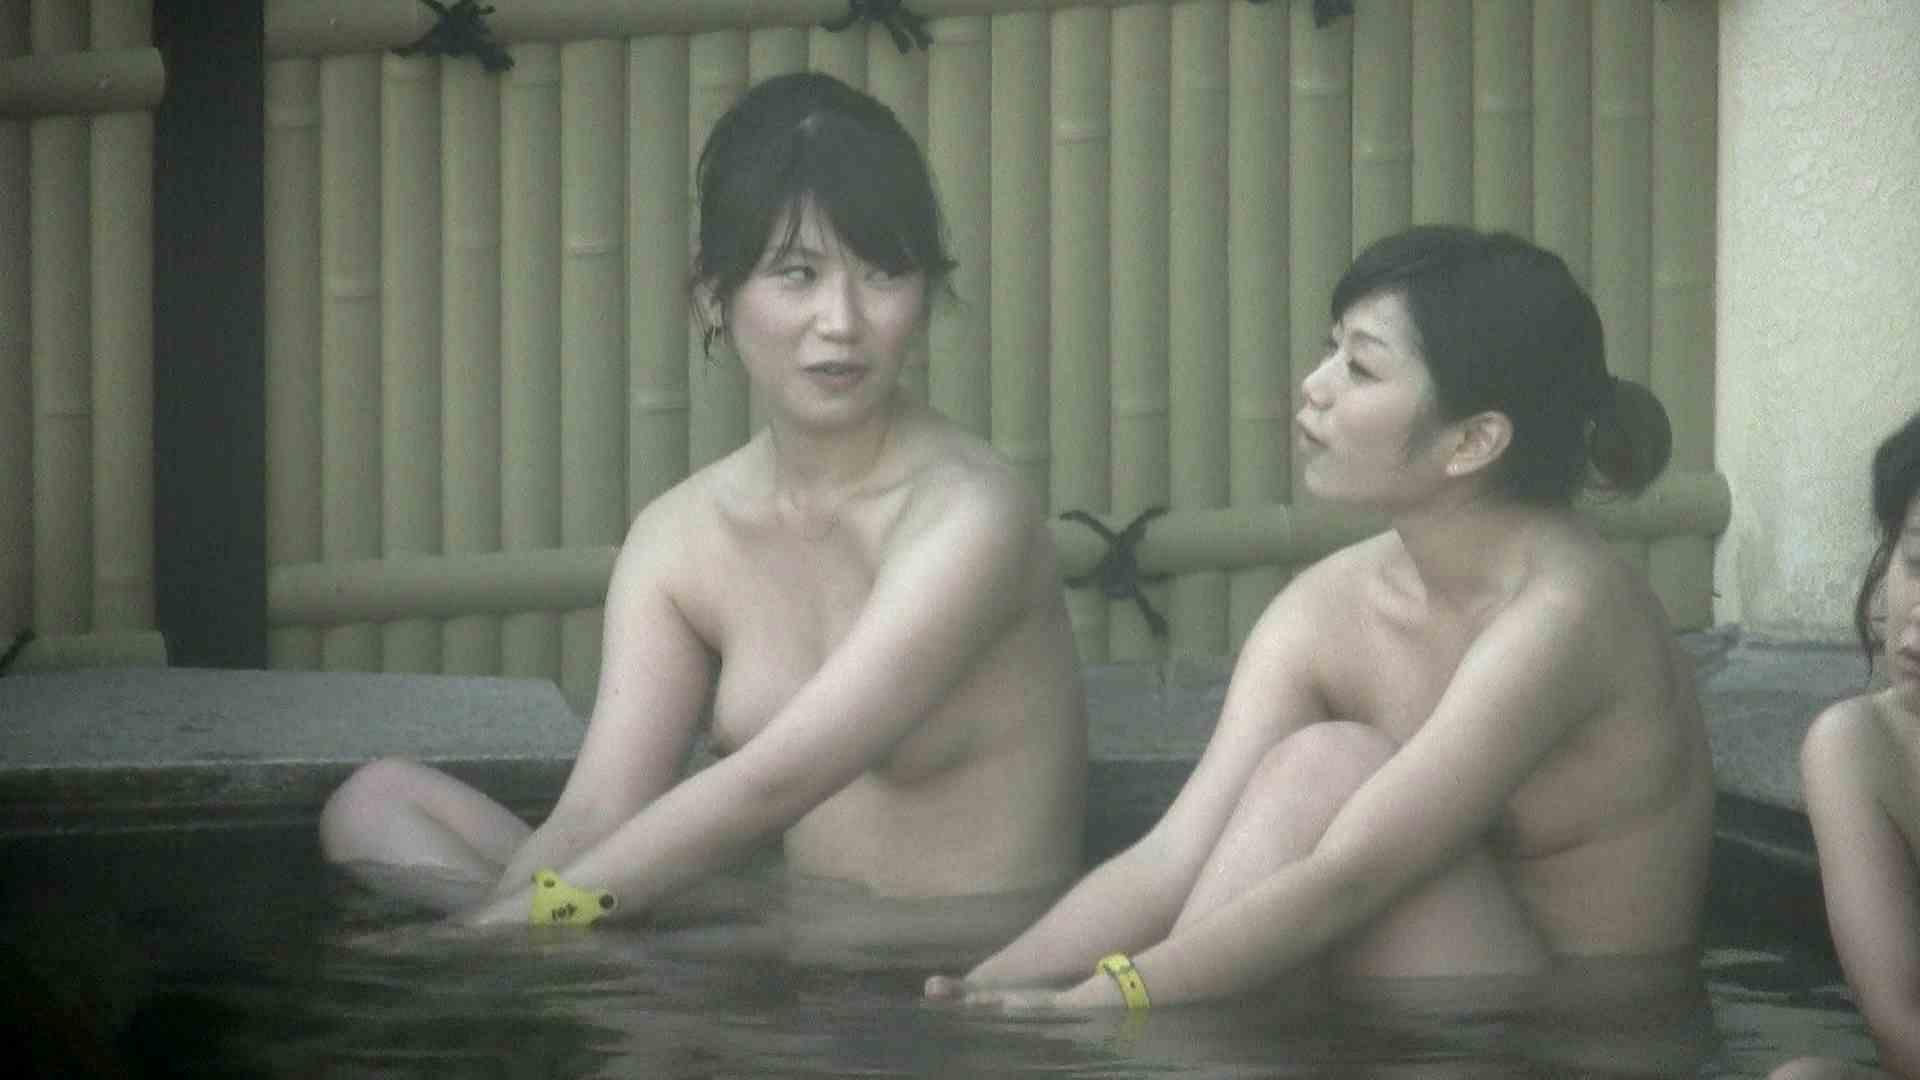 Aquaな露天風呂Vol.206 いやらしいOL オマンコ動画キャプチャ 59連発 6